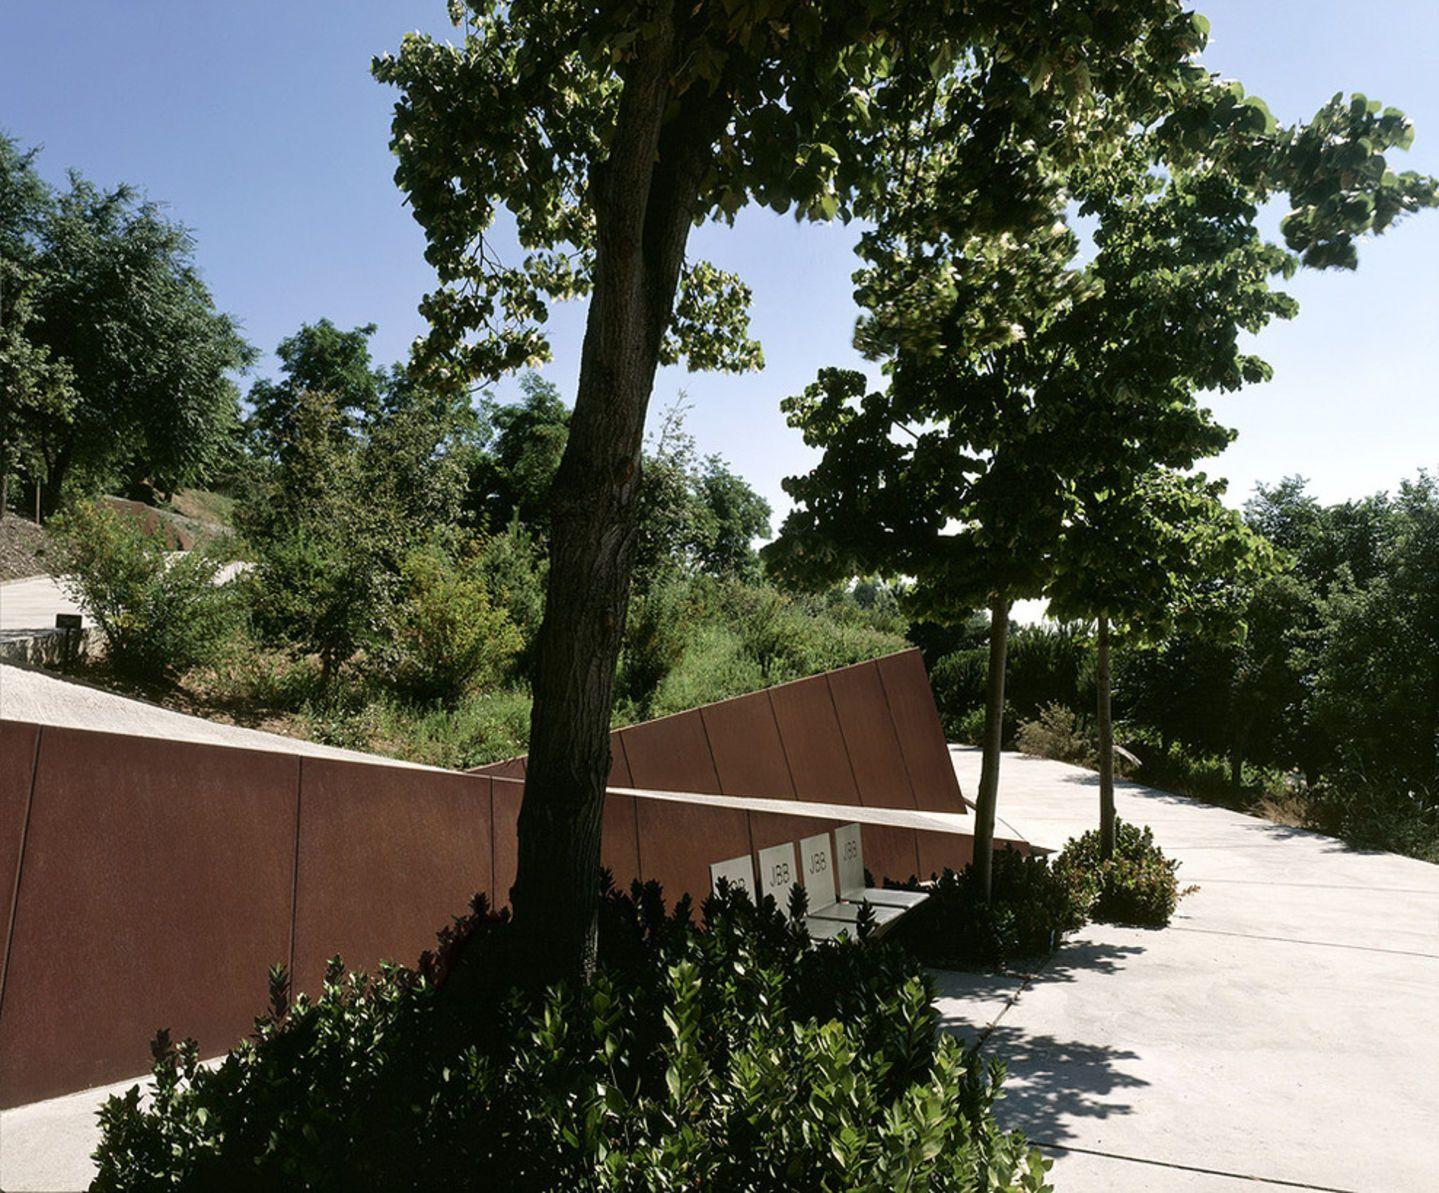 El nuevo jard n bot nico se construye en la vertiente for Jardin botanico montjuic